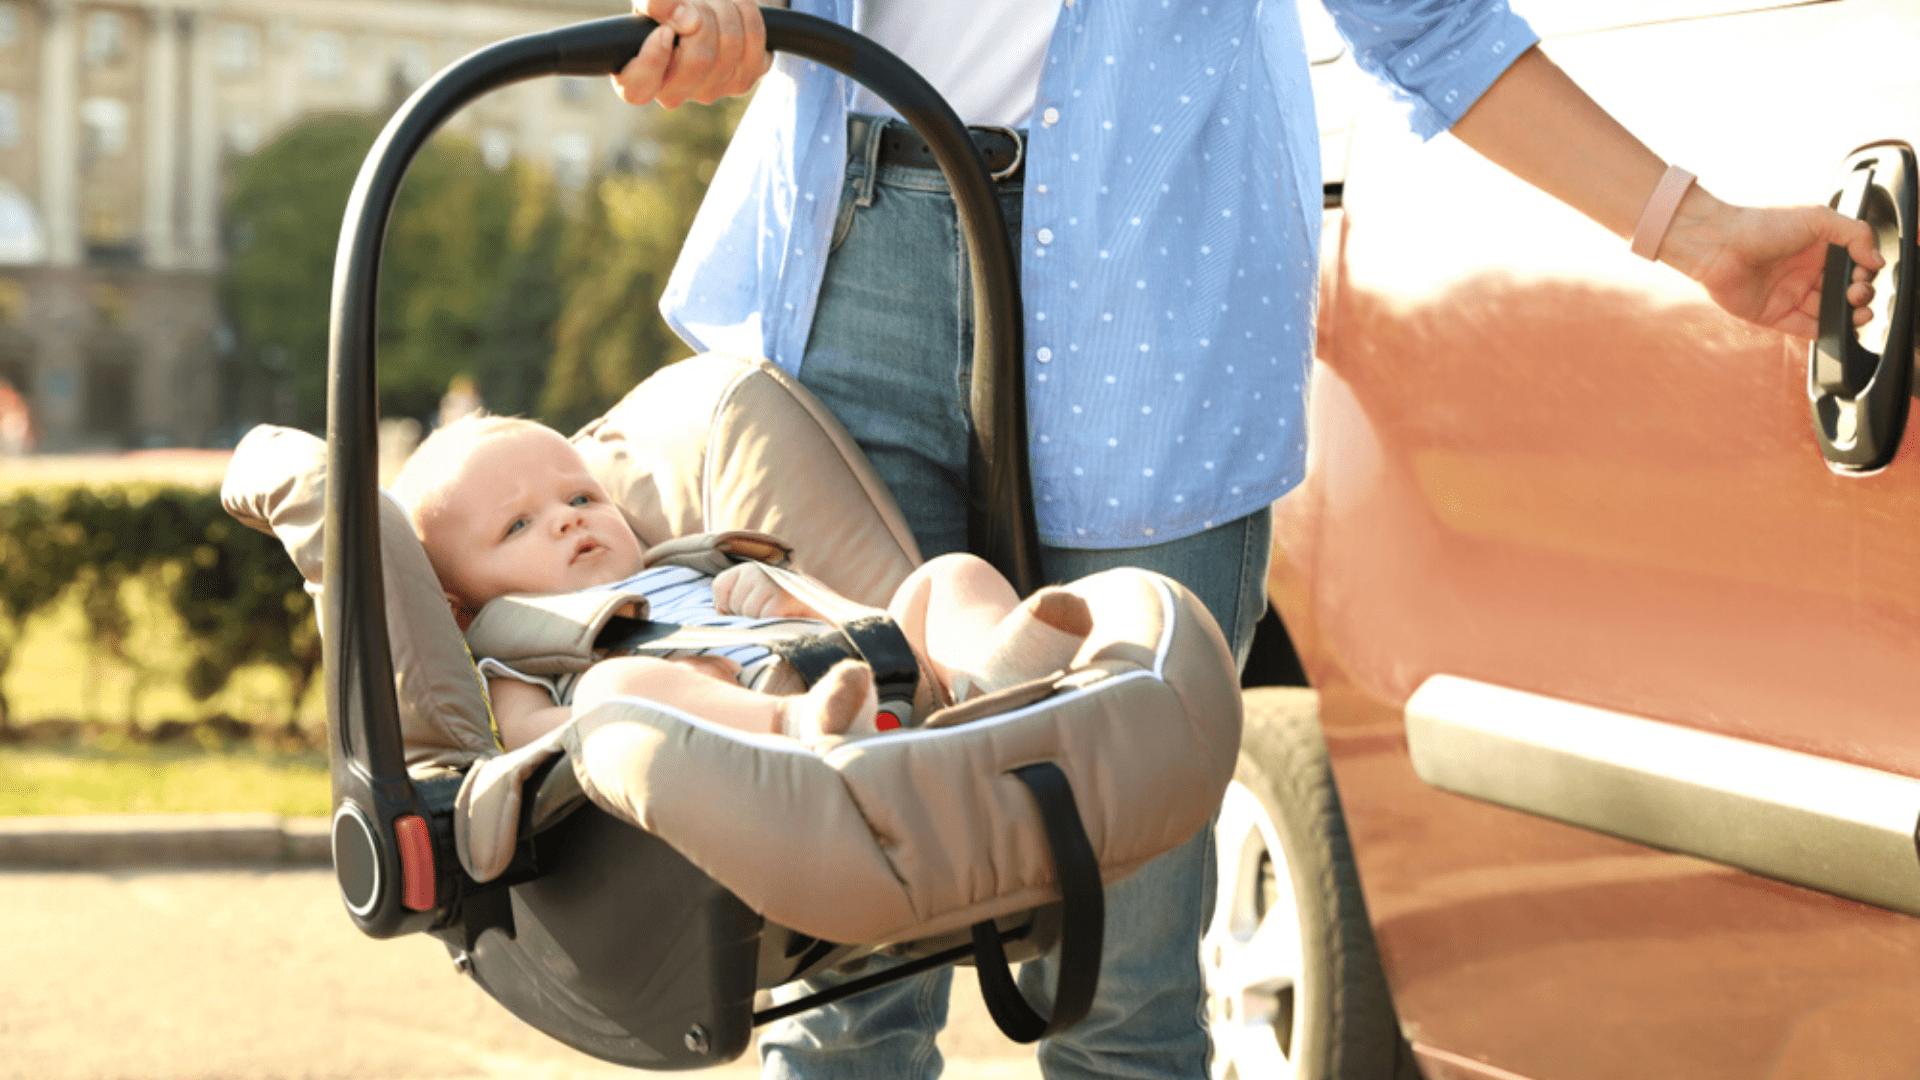 Veja a nossa seleção dos melhores bebê conforto de 2020! (Imagem: Reprodução/Shutterstock)